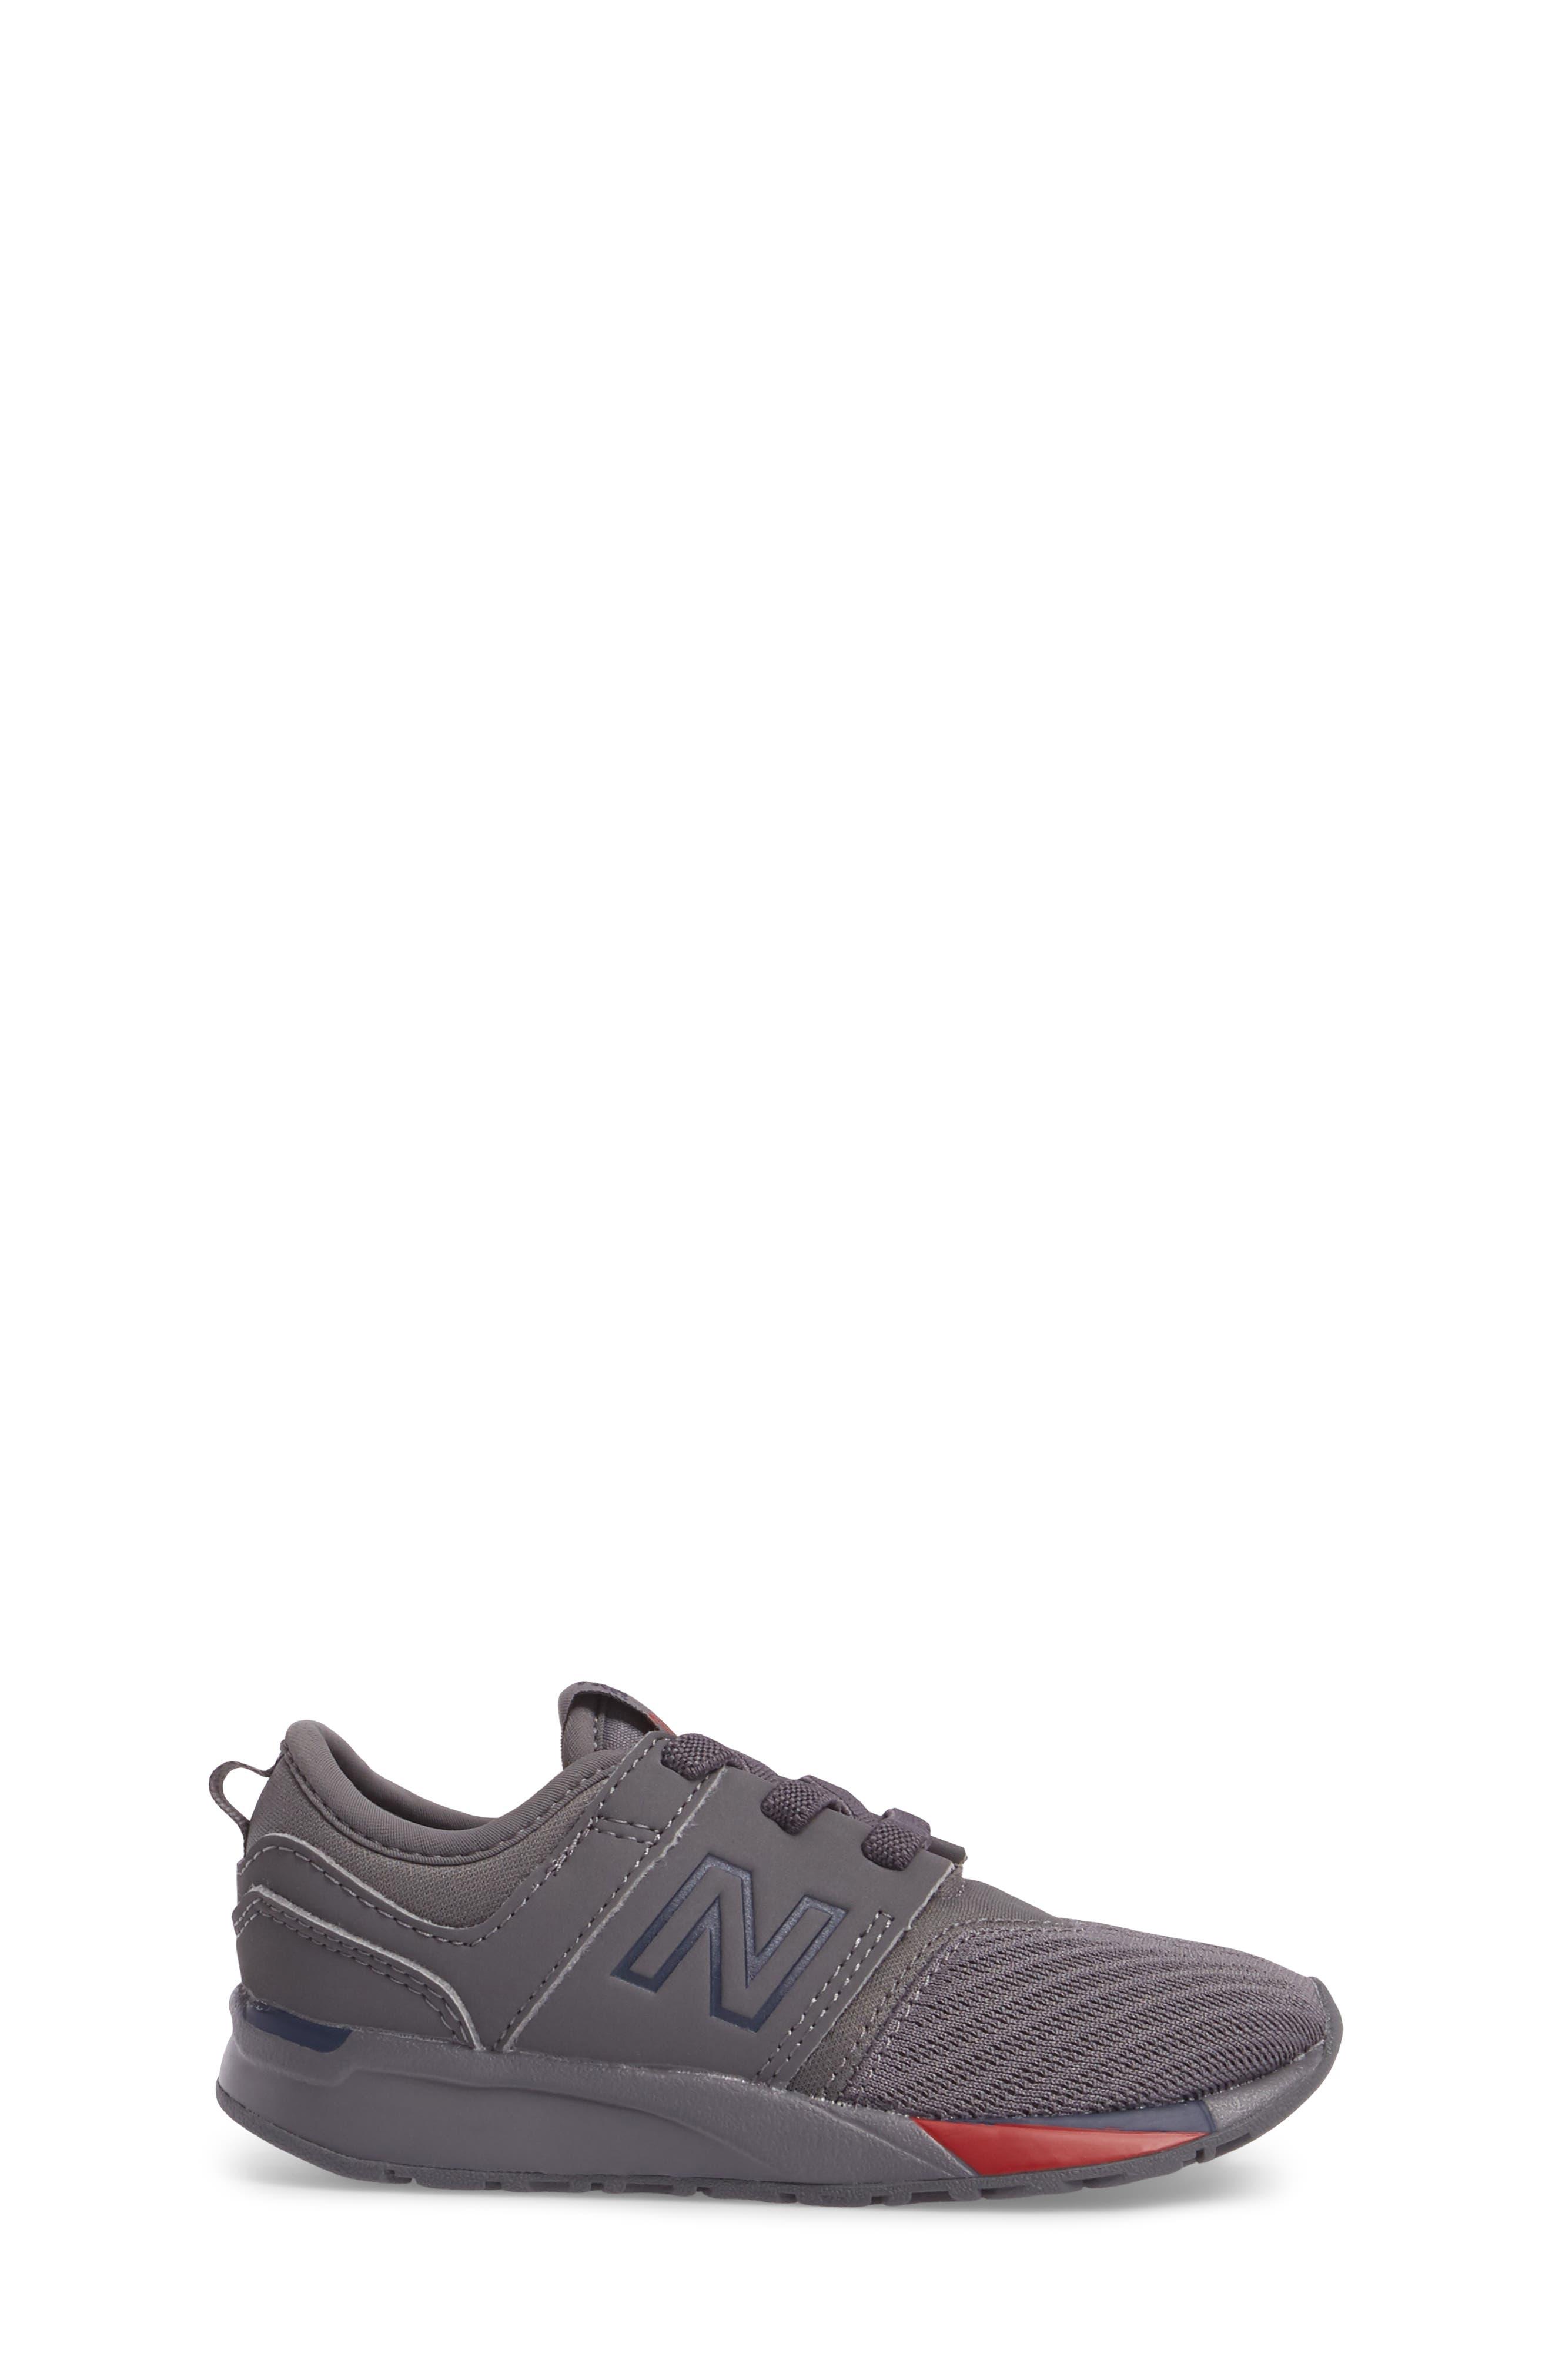 247 Sport Sneaker,                             Alternate thumbnail 3, color,                             039